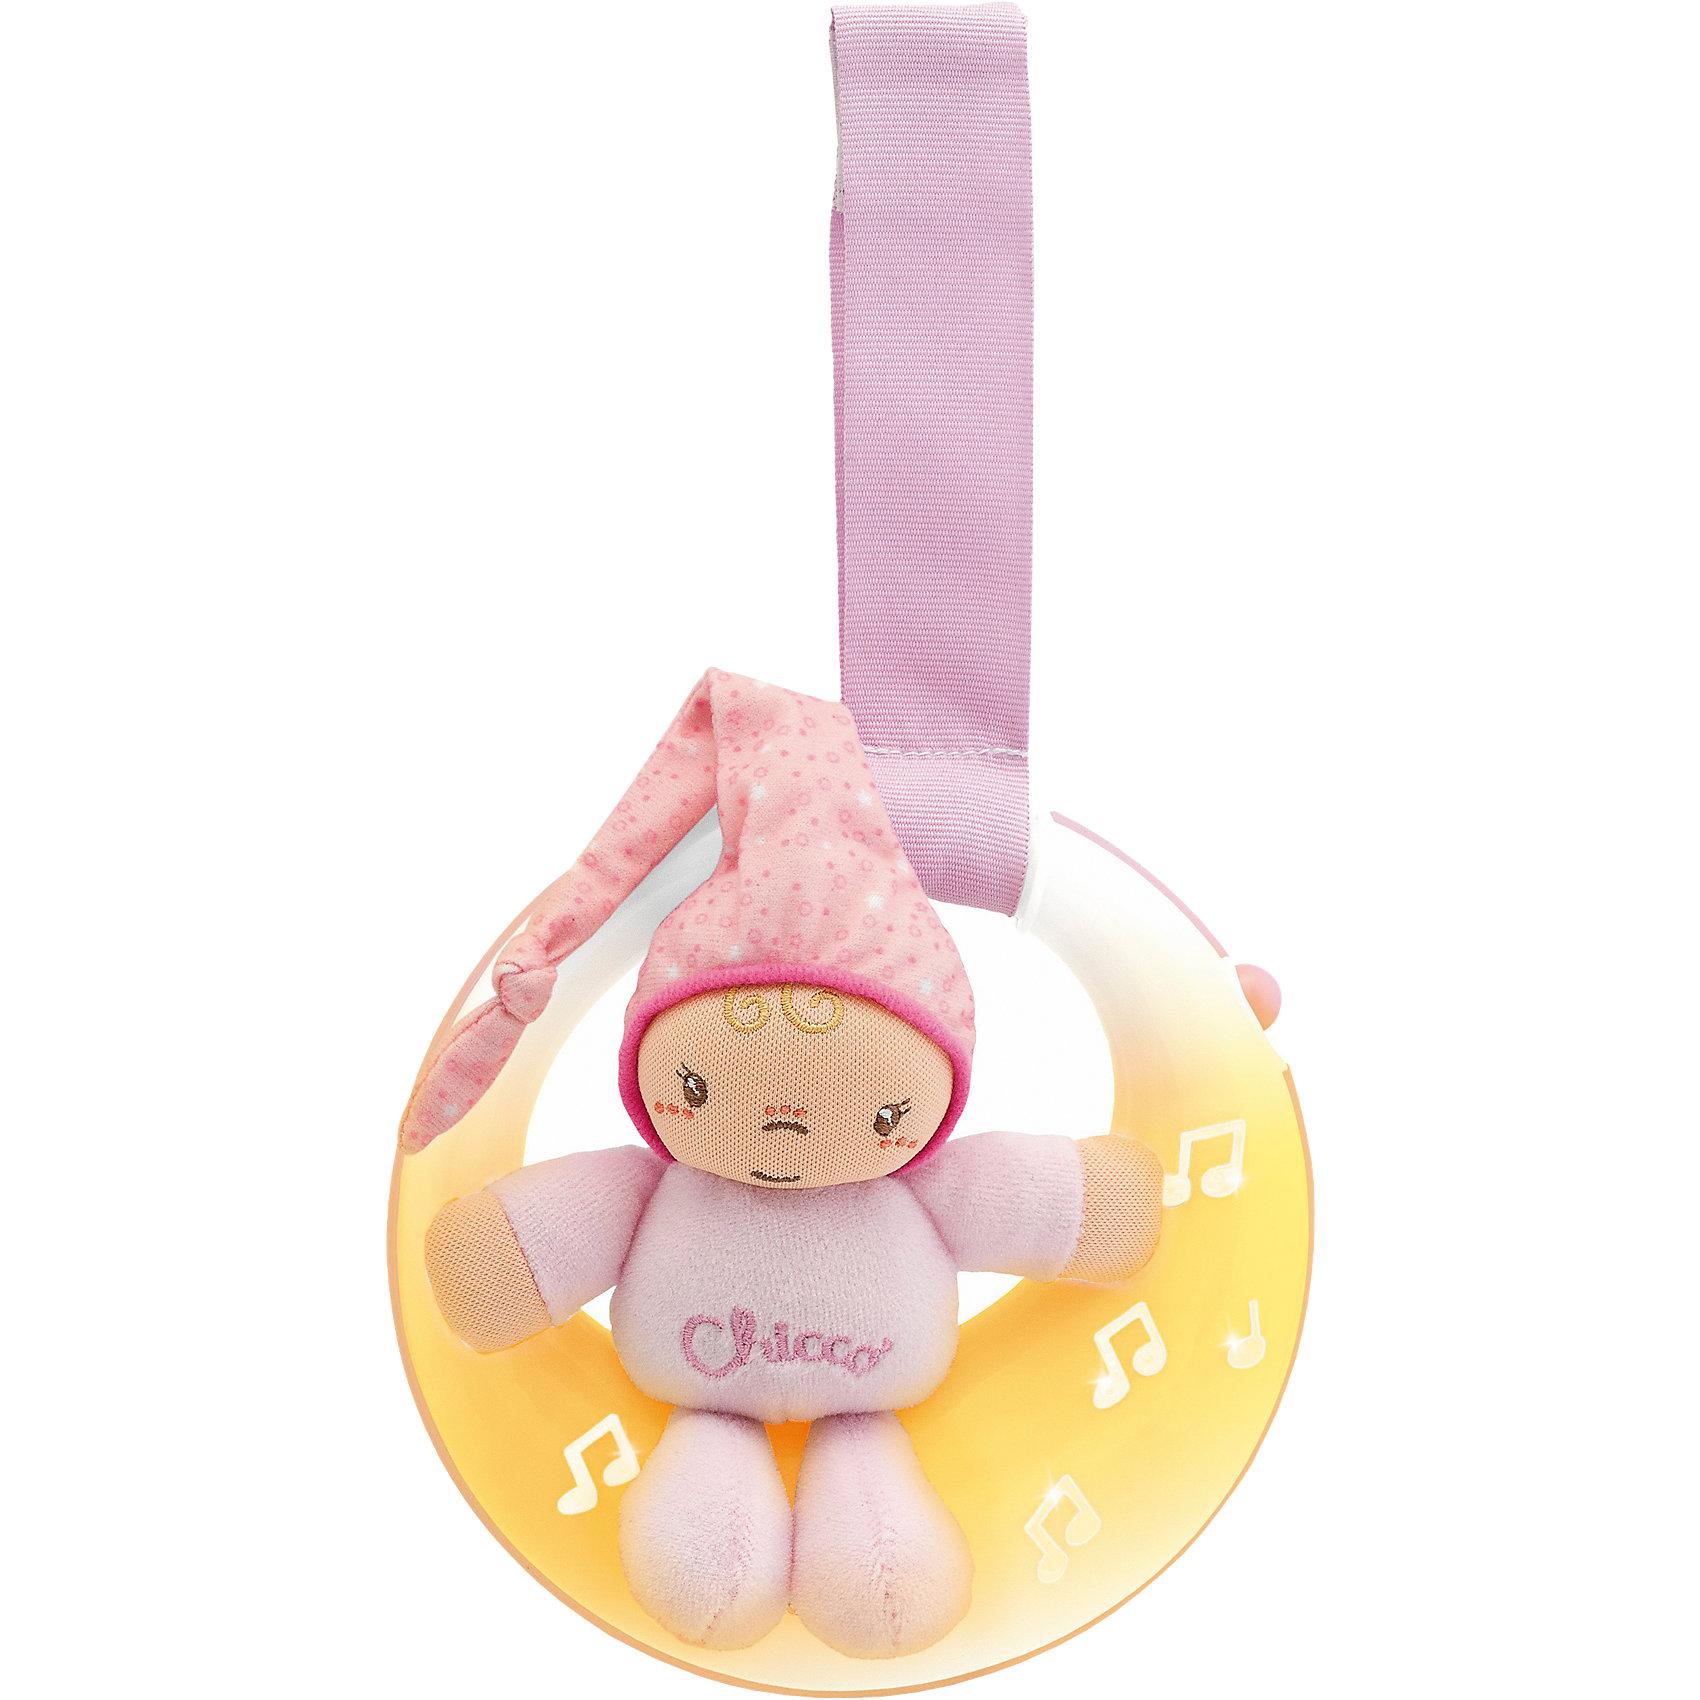 Подвеска для кроватки Спокойной ночи, луна, розовая, ChiccoИгрушки для новорожденных<br>Подвеска для кроватки Спокойной ночи, луна, розовая, Chicco (Чико) представляет собой мягконабивную игрушку – малышки в розовом комбинезончике, сидящей на луне! Огоньки на подвеске загораются и переливаются в такт колыбельной музыке. Мягкое свечение позволяет быстрее окунуться в мир сна Вашей девочке.<br><br>Характеристики:<br>-Звуковые и световые эффекты, длительностью пять минут<br>-Музыка: нежные колыбельные мелодии (Бах, Бетховен)<br>-Два режима: музыка и свет/только свет<br>-Легкое крепление на бортик кроватки удобным регулируемым ремешком<br>-Развивает: визуальное, звуковое и тактильное восприятие, координация зрения и движений, хватательный рефлекс, логика<br><br>Дополнительная информация:<br>-Цвет: розовый<br>-Материалы: пластик, полиэстер, текстиль<br>-Питание – 2 батарейки типа ААА (в комплект НЕ входят)<br>-Размеры игрушки: 15х14х5 см<br>-Длина ленточки: 15 см<br><br>Подвеска для кроватки «Спокойной ночи, луна» удобна и в качестве развивающей музыкальной игрушки, и в качестве ночника с нежным светом. <br><br>Подвеска для кроватки Спокойной ночи, луна, розовая, Chicco (Чико) можно купить в нашем магазине.<br><br>Ширина мм: 209<br>Глубина мм: 195<br>Высота мм: 75<br>Вес г: 348<br>Цвет: розовый<br>Возраст от месяцев: 0<br>Возраст до месяцев: 18<br>Пол: Женский<br>Возраст: Детский<br>SKU: 4123480